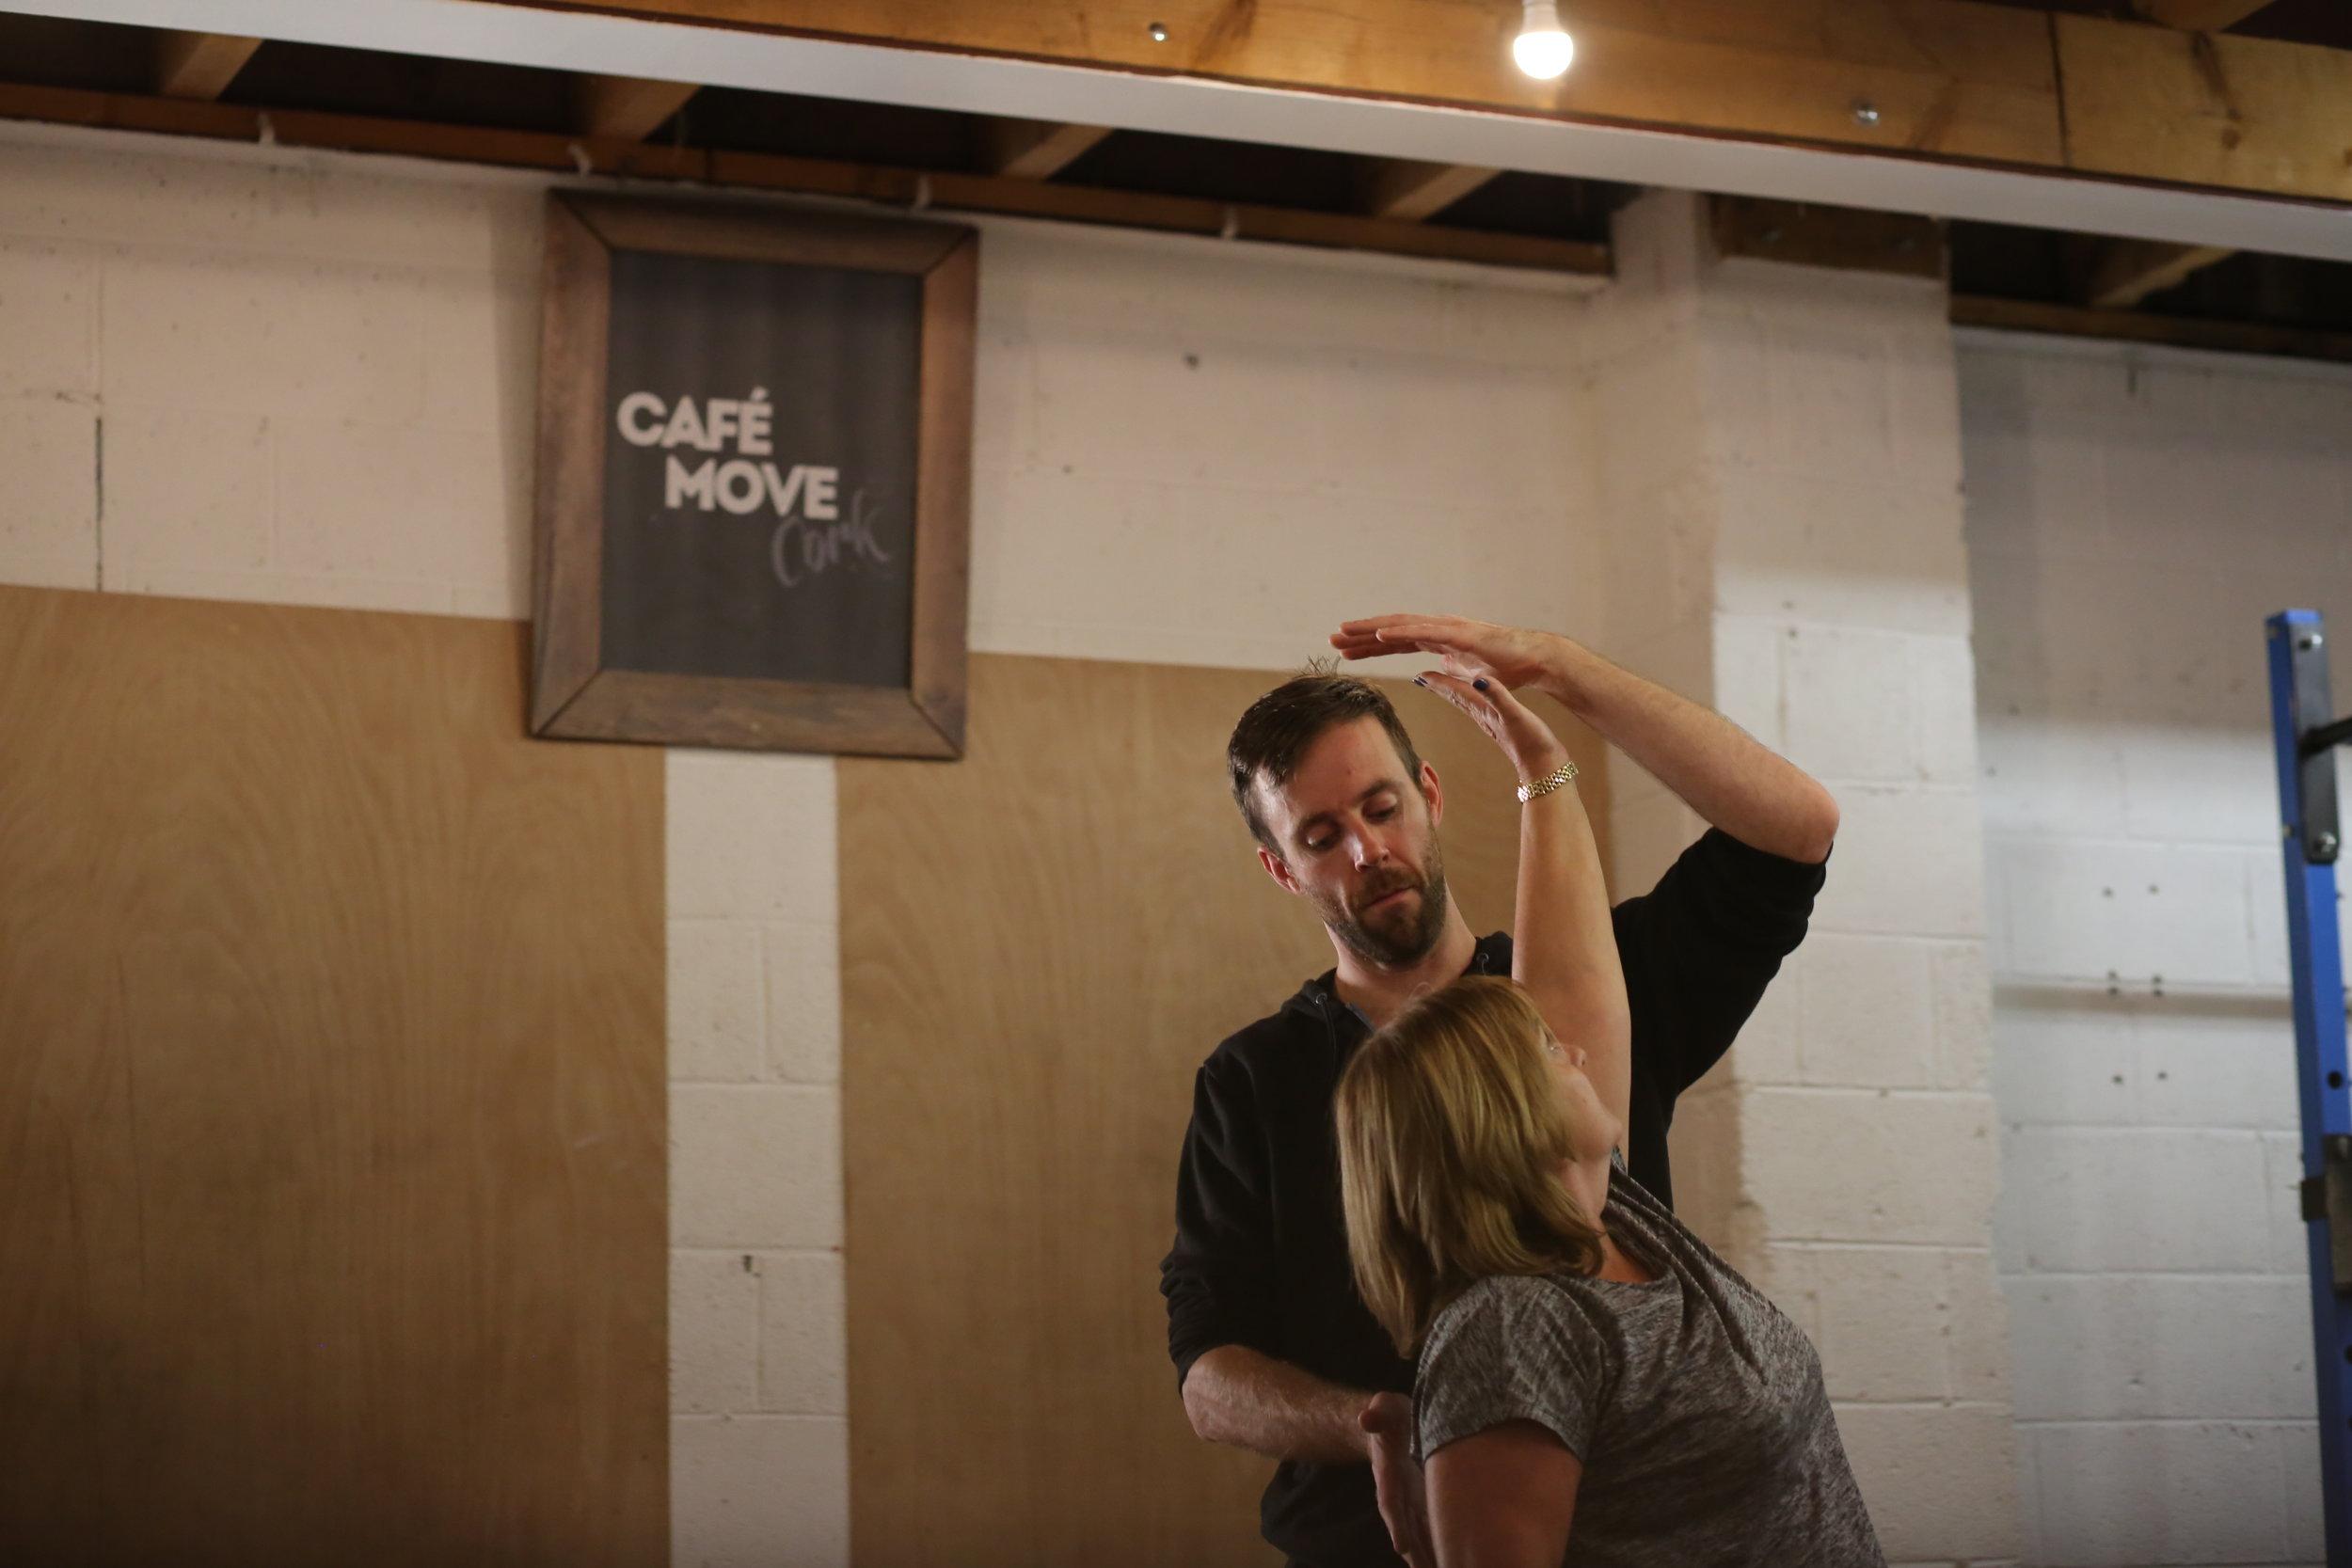 ladies who move -